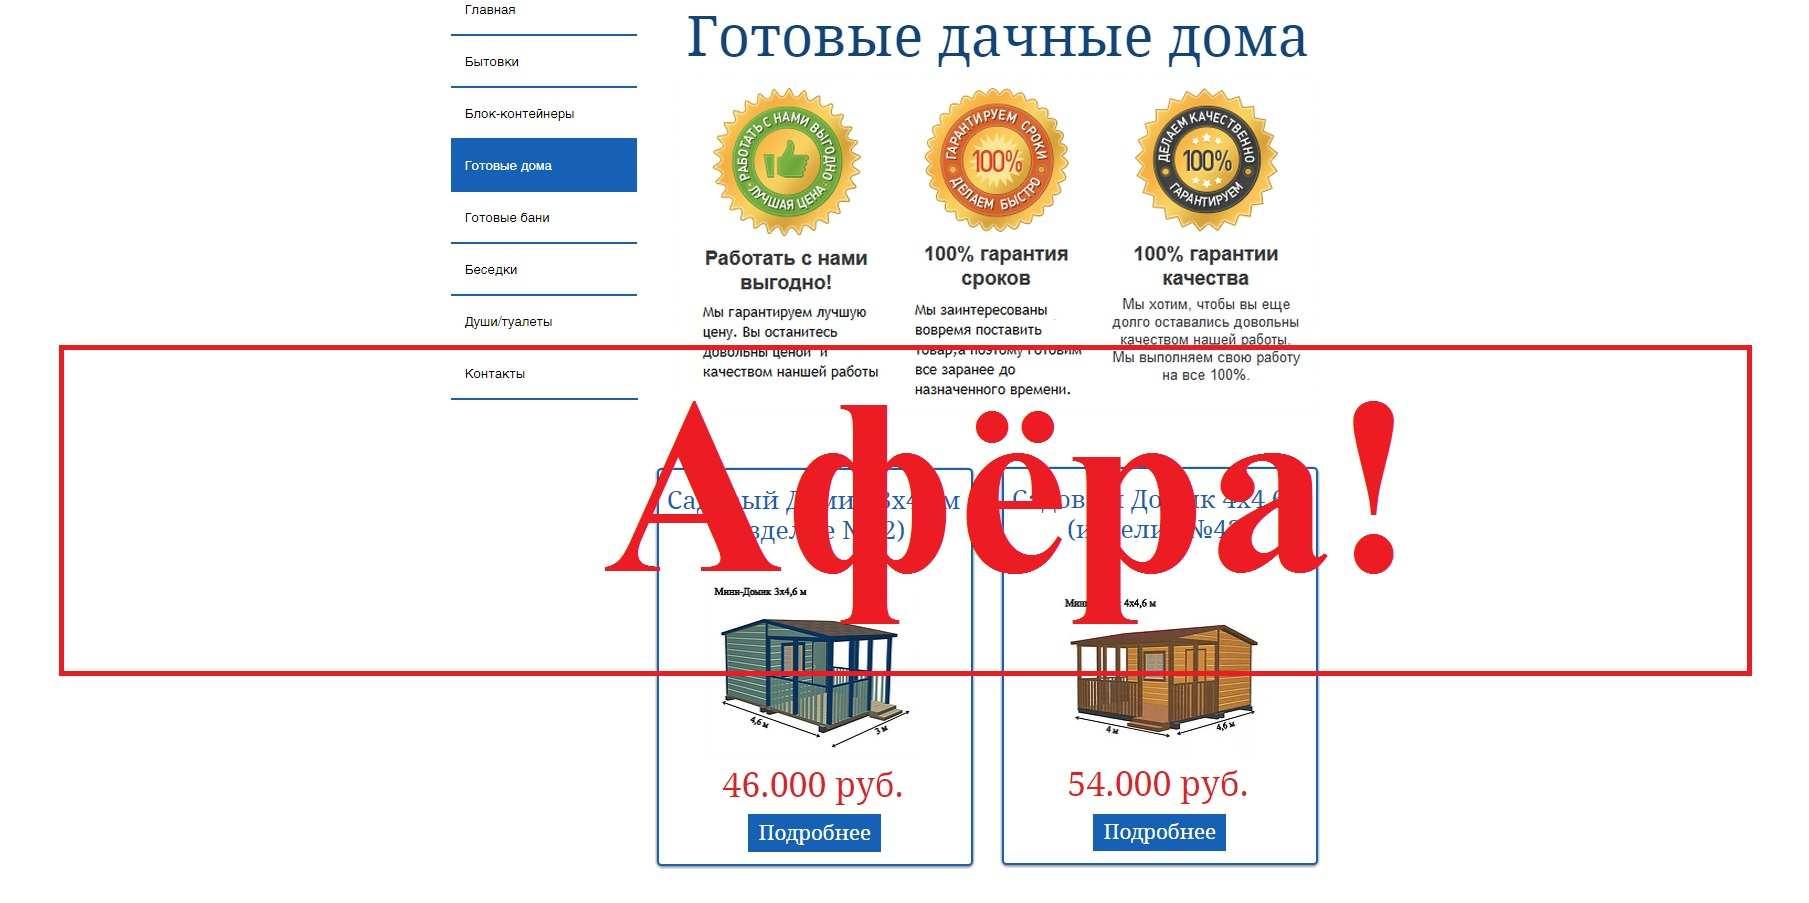 Домостроево.рф – отзывы об услугах